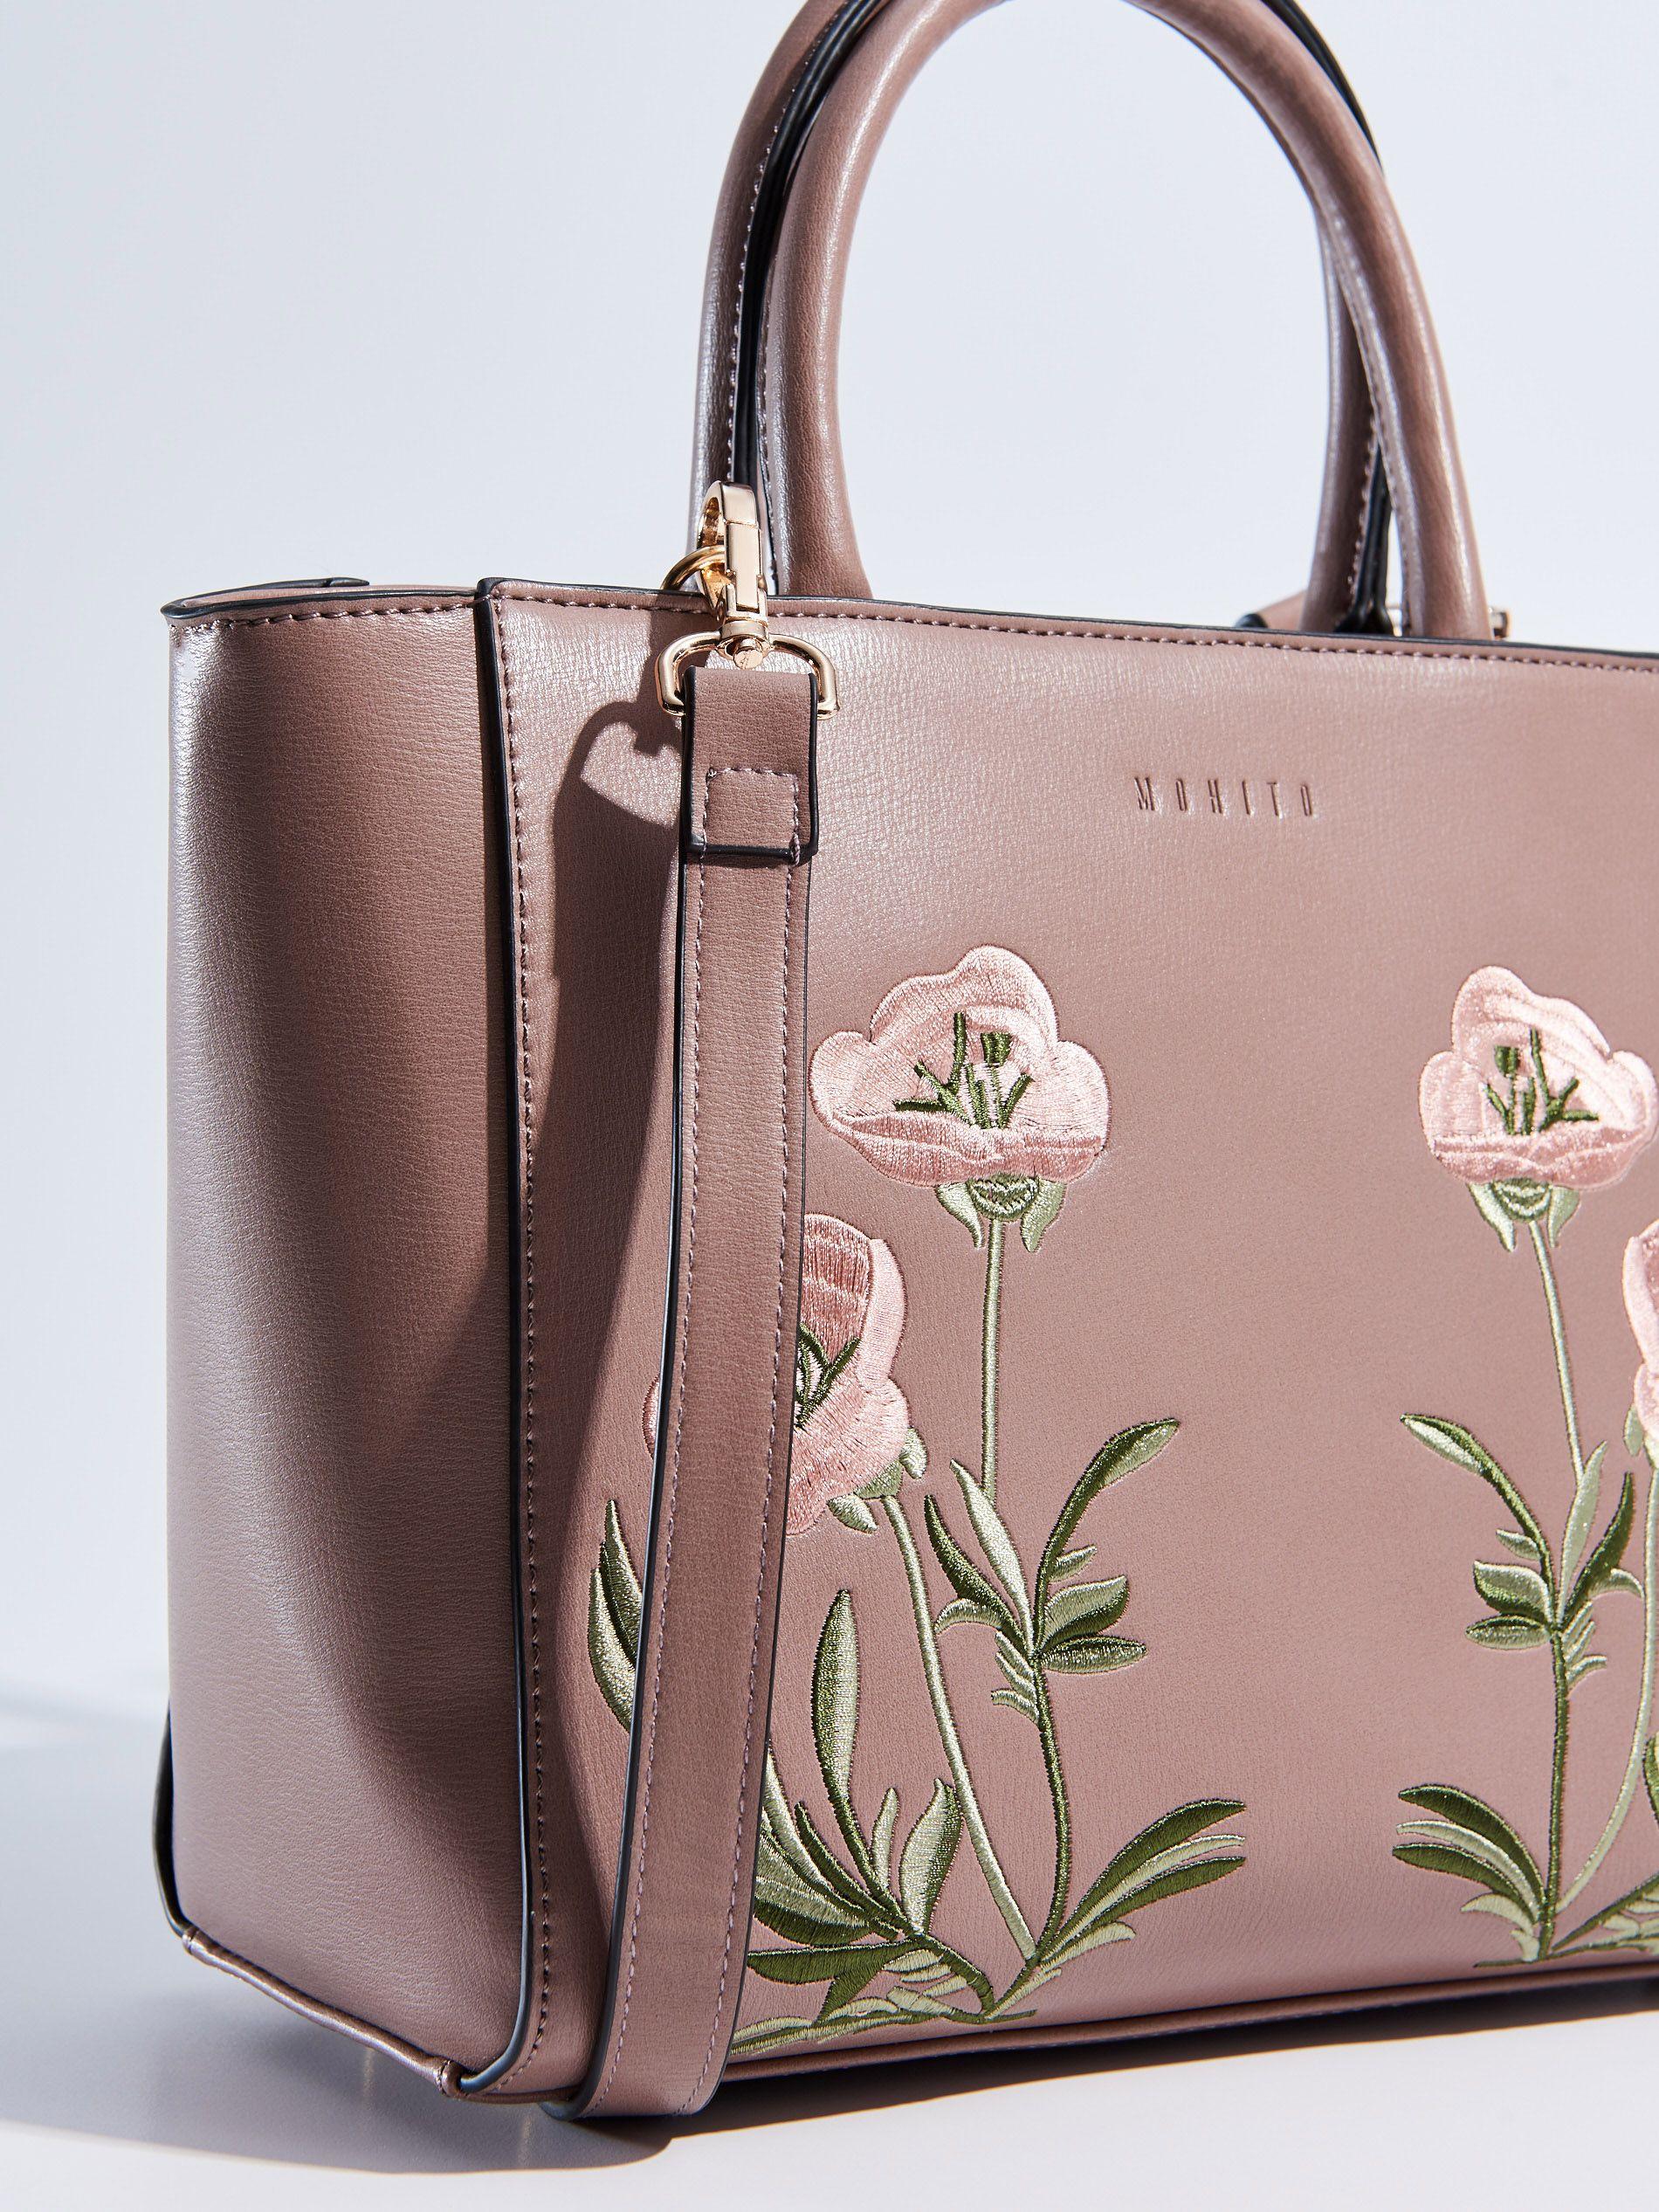 Mala Torebka Z Haftem City Bag Wkrotce W Sprzedazy Rozowy Mohito Bags Embroidered Handbag Shoe Bag